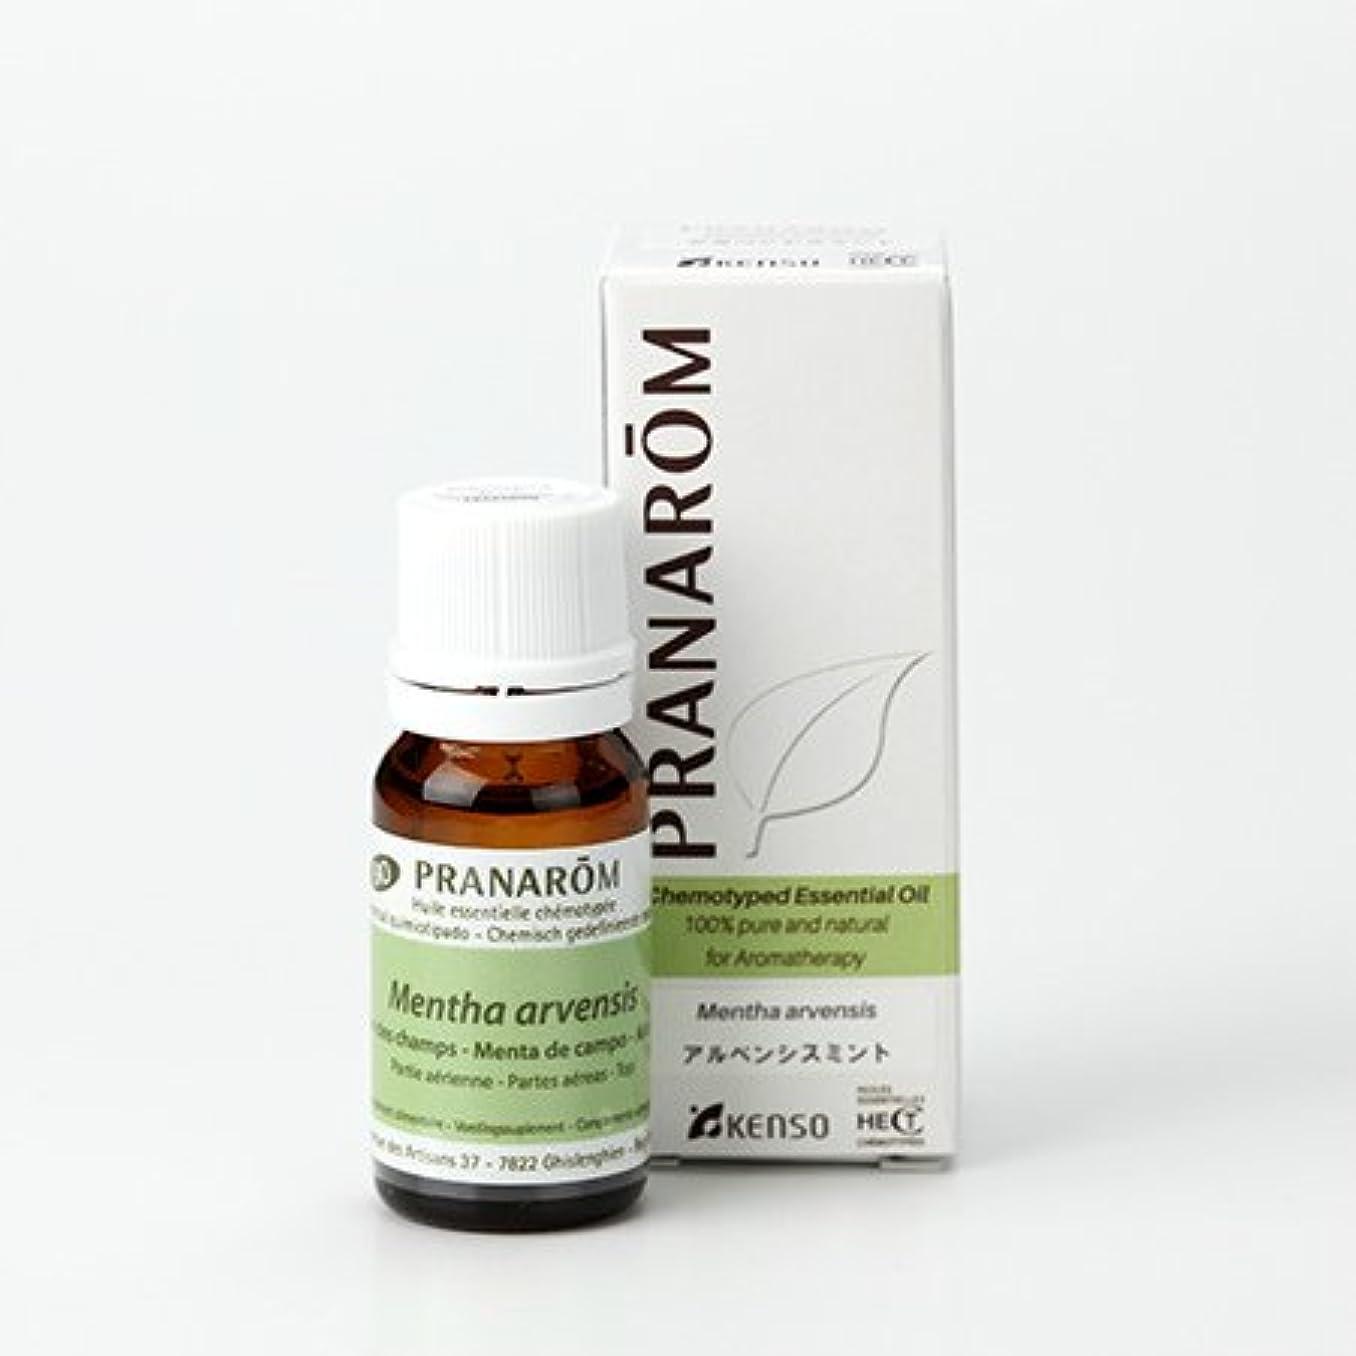 背の高いフレキシブル代数プラナロム アルベンシスミント 10ml (PRANAROM ケモタイプ精油)